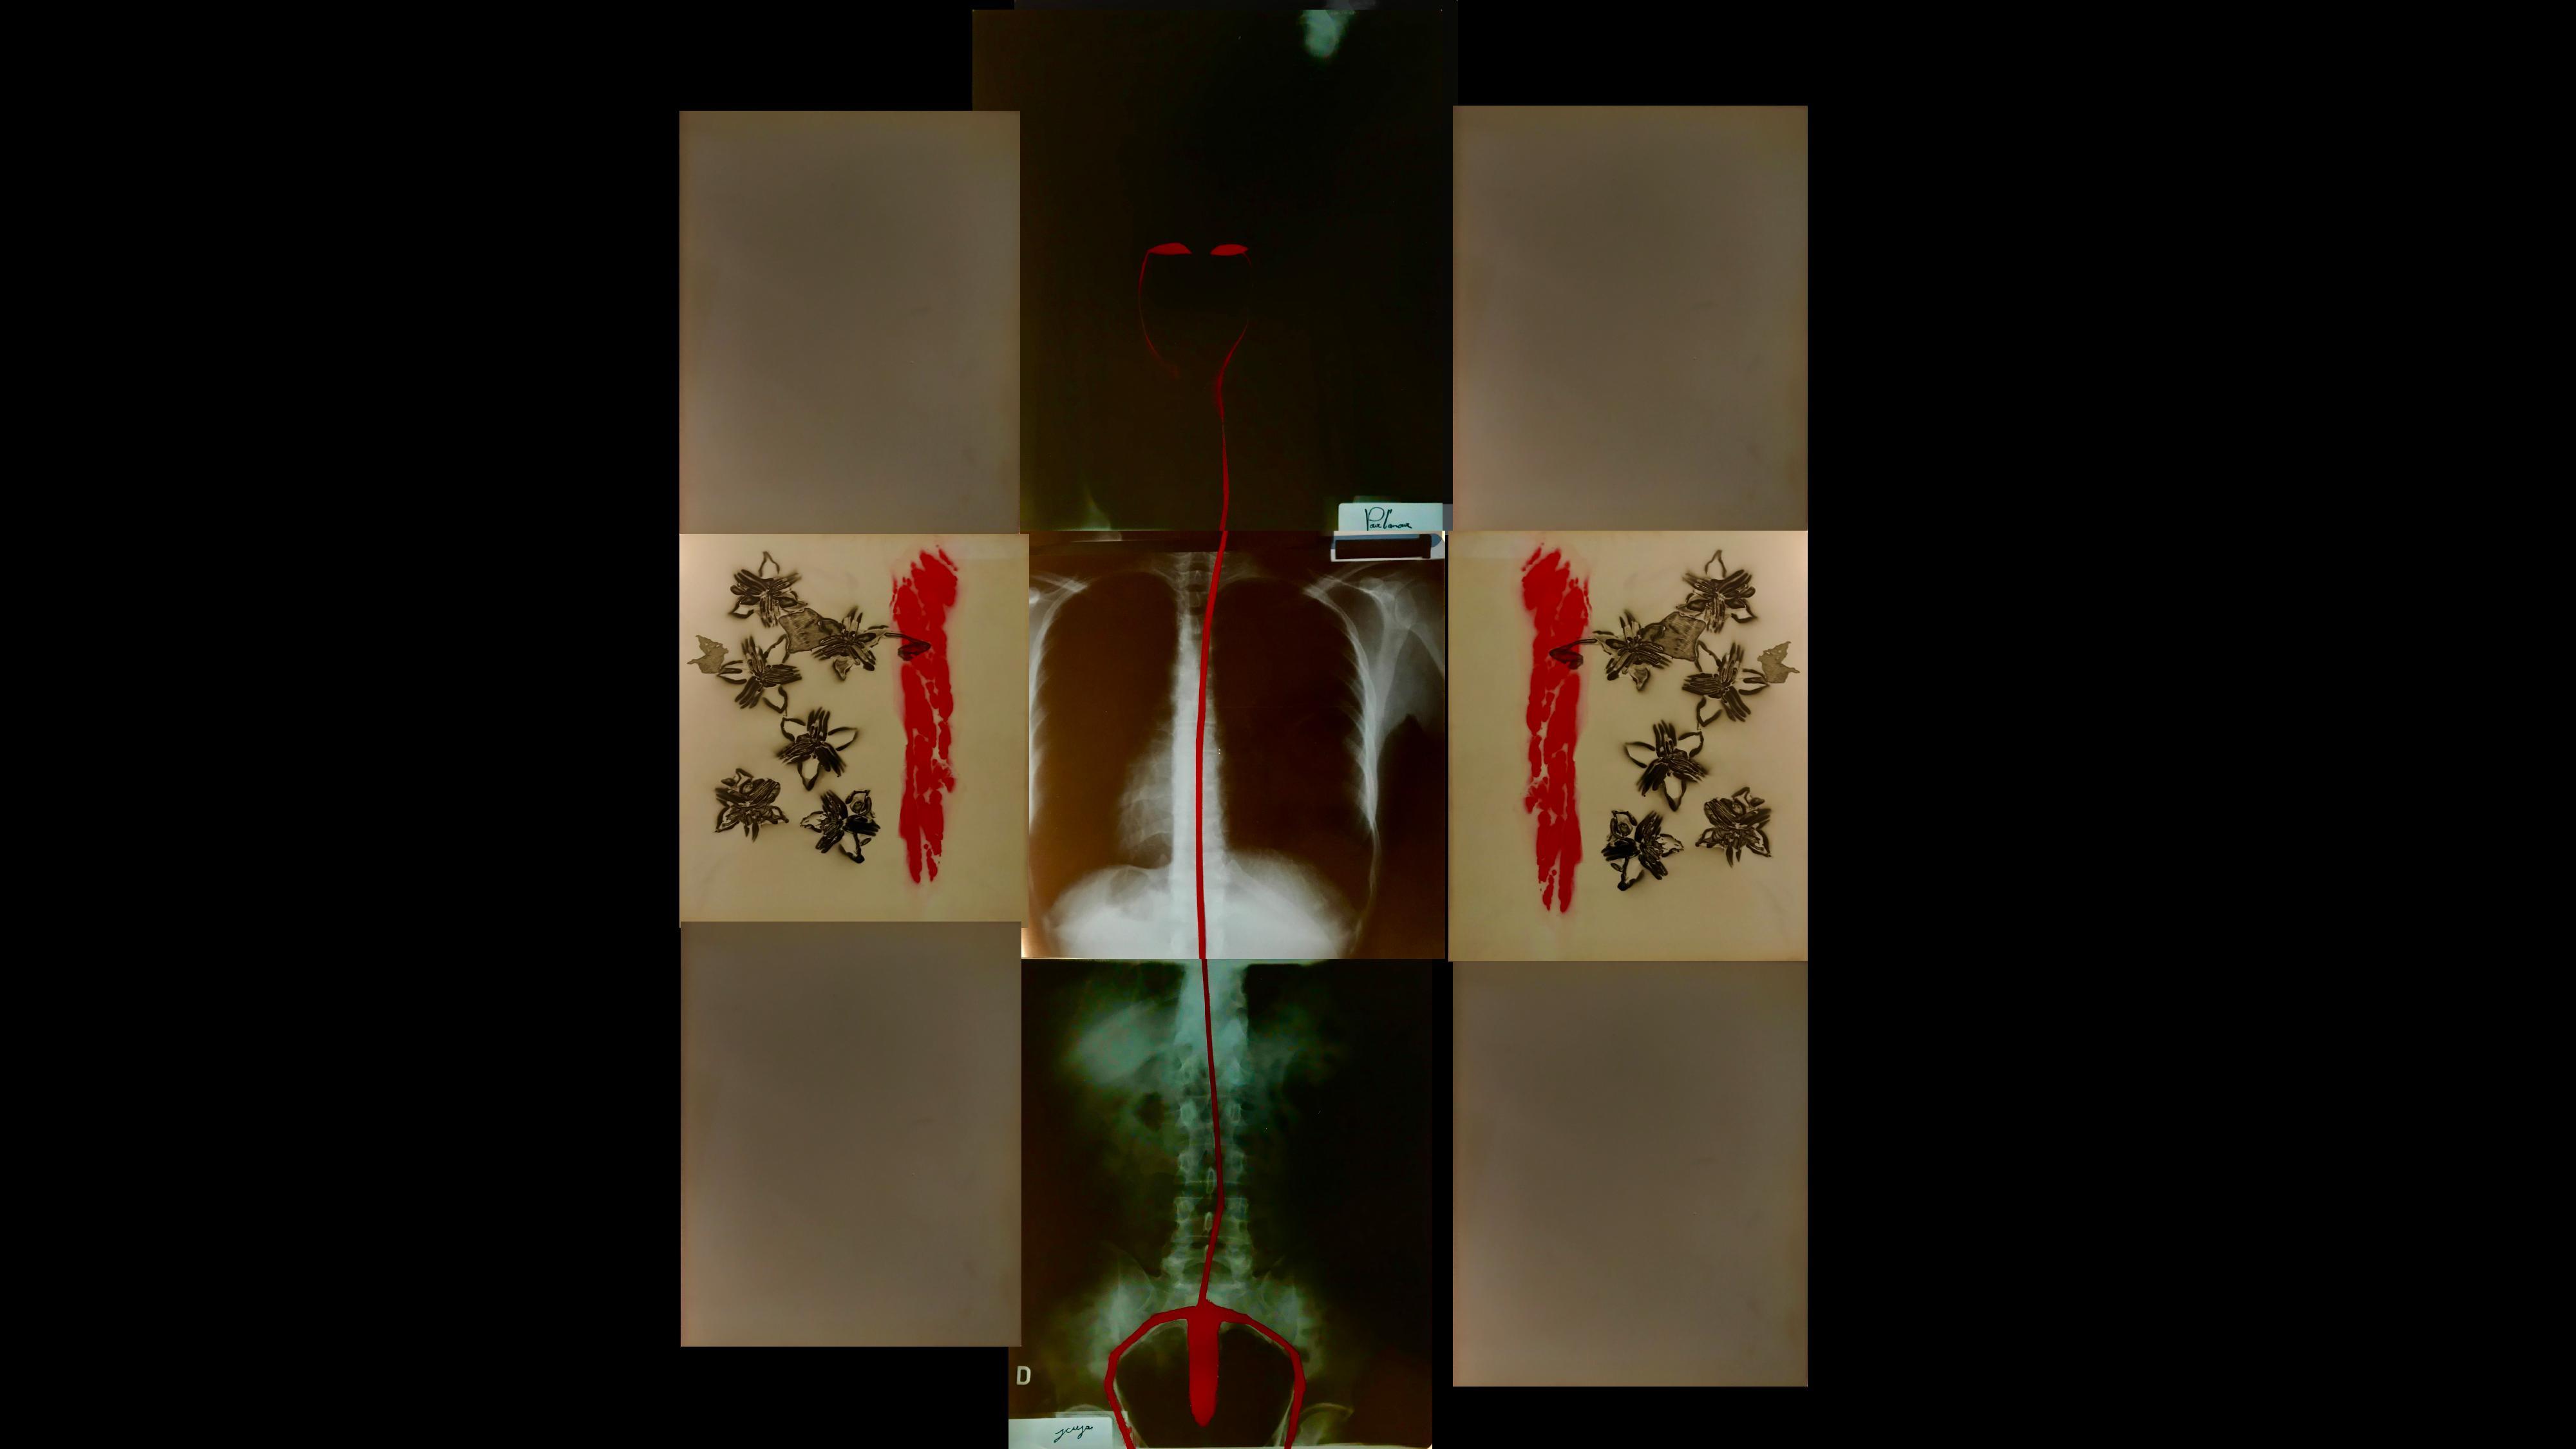 nella doto si vede un'opera d'arte con, al centro, un rigo di sangue su una radiografia del corpo umano. A destra e a sinistra due schizzi rossi e alcuni insetti verdi.